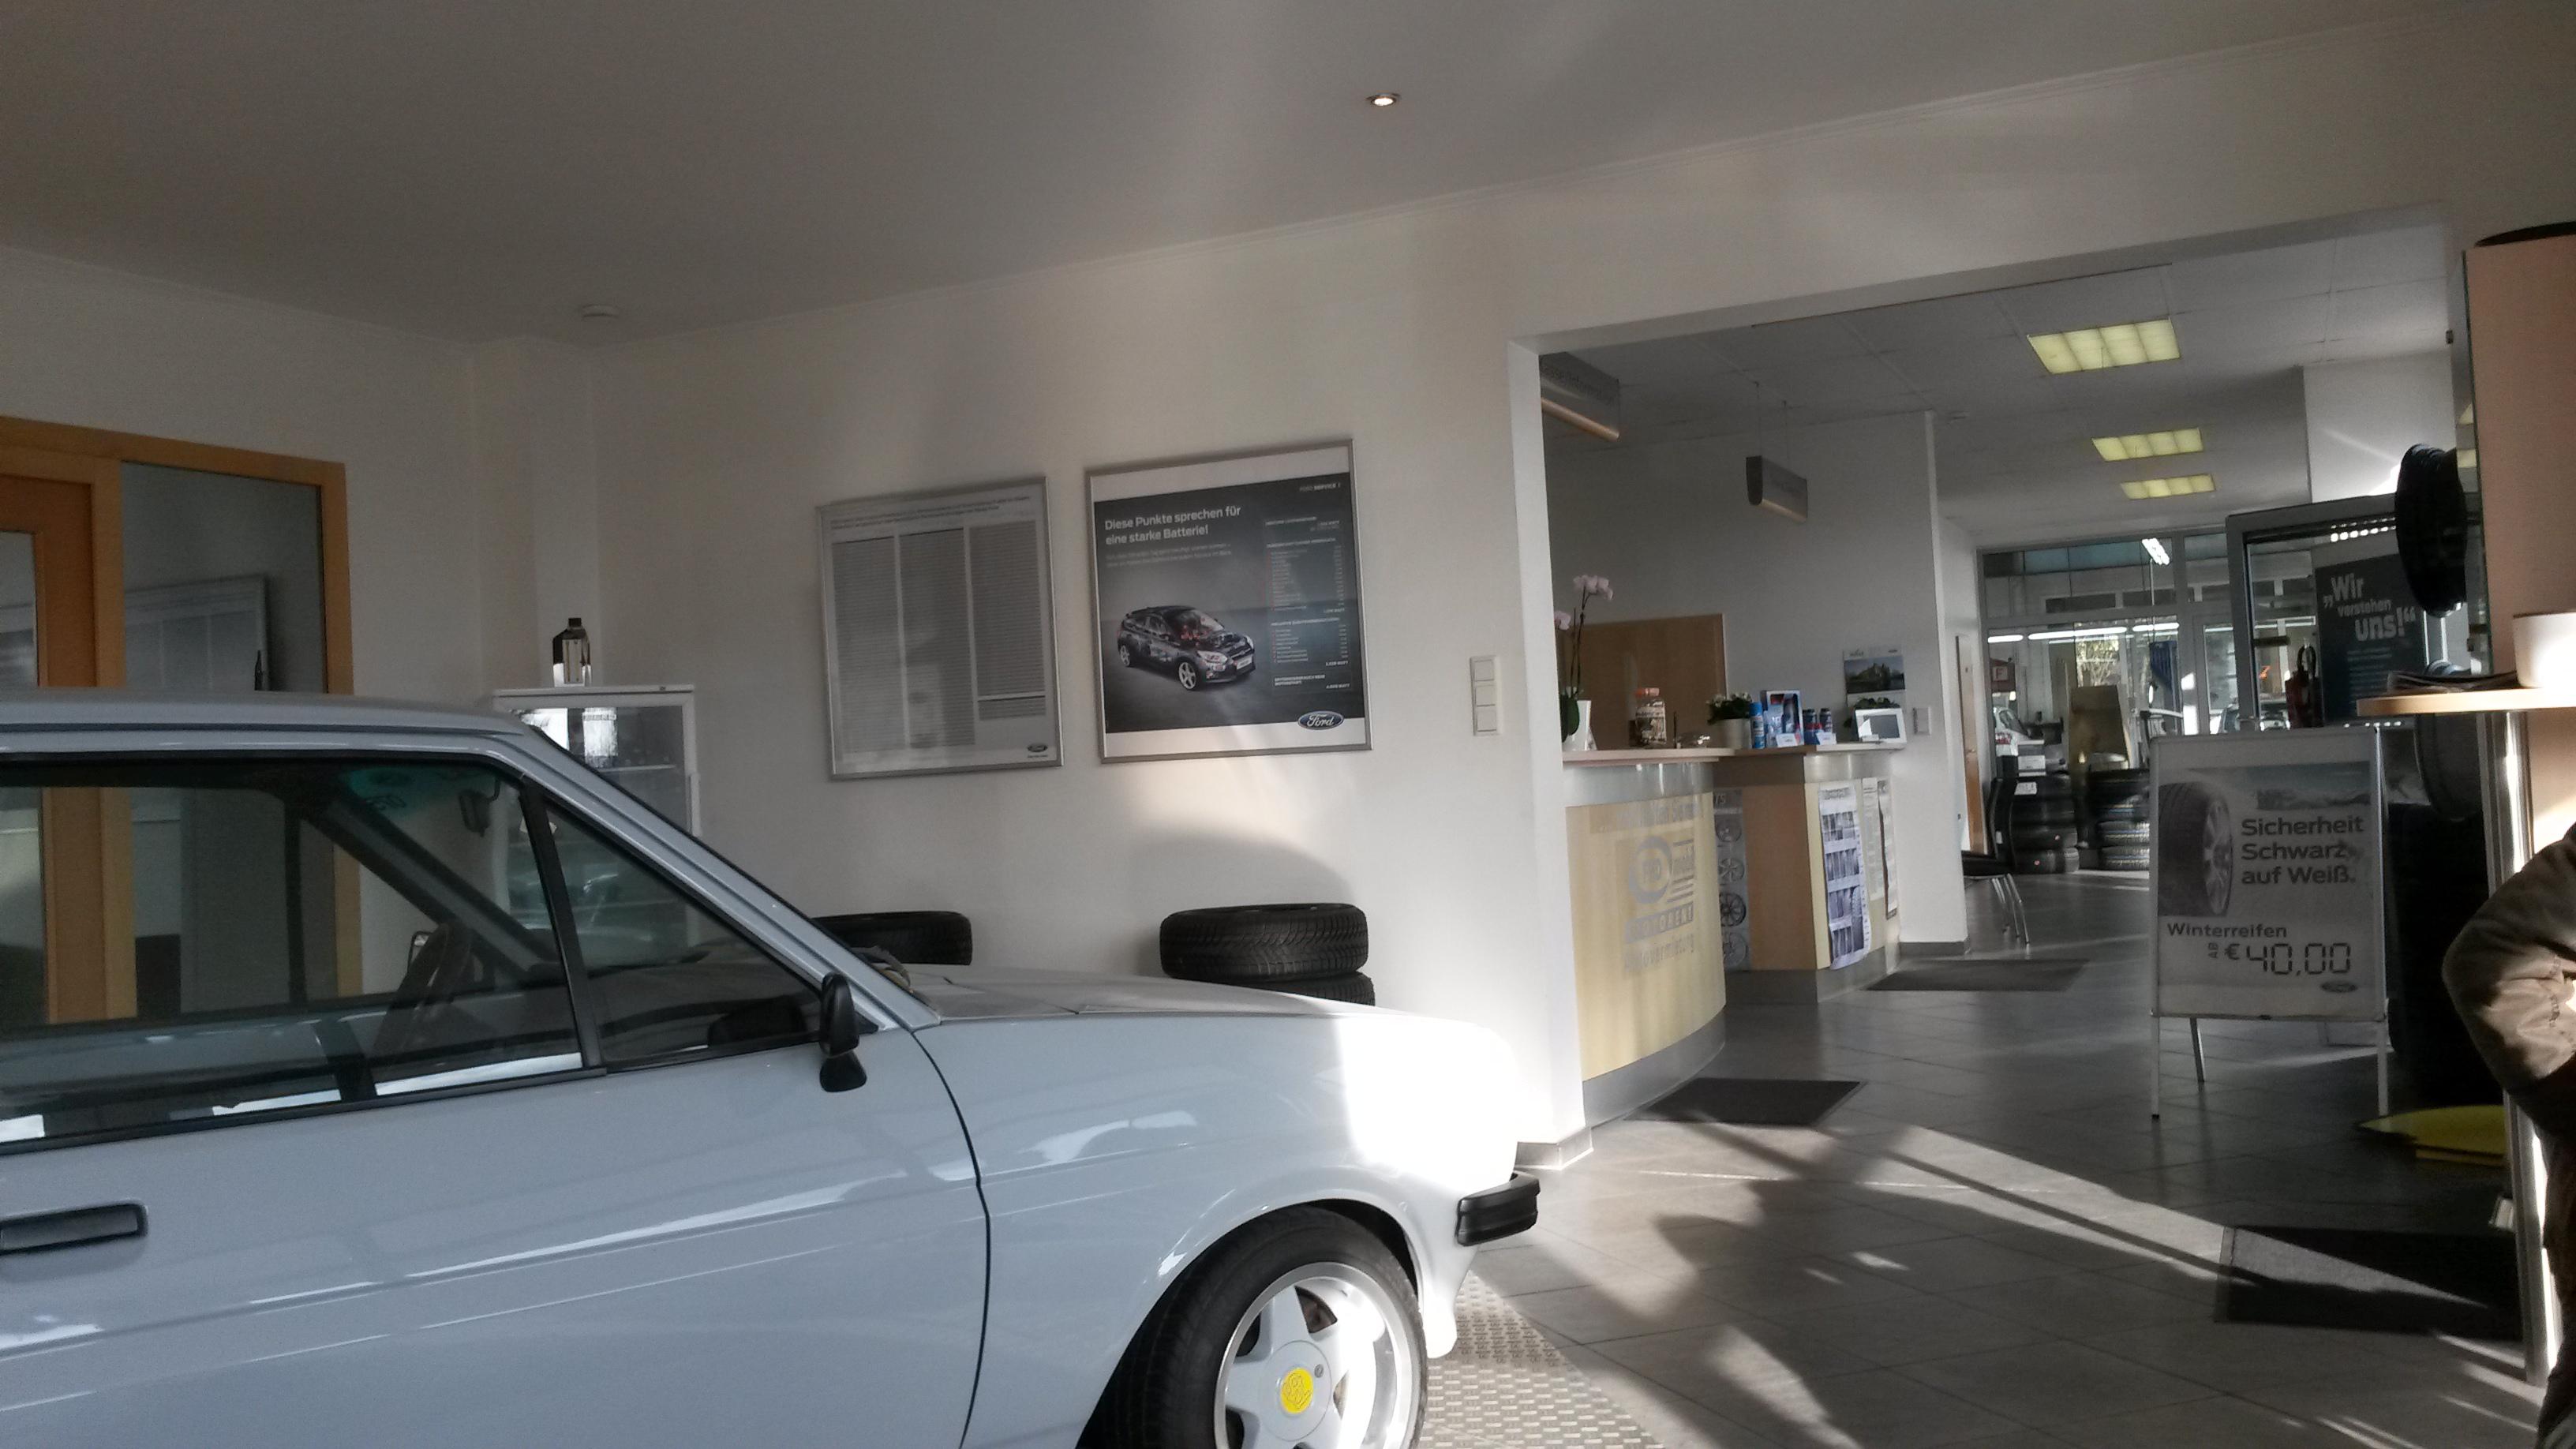 sixt neuwagen leasing erfahrung sixt neuwagen sixt. Black Bedroom Furniture Sets. Home Design Ideas